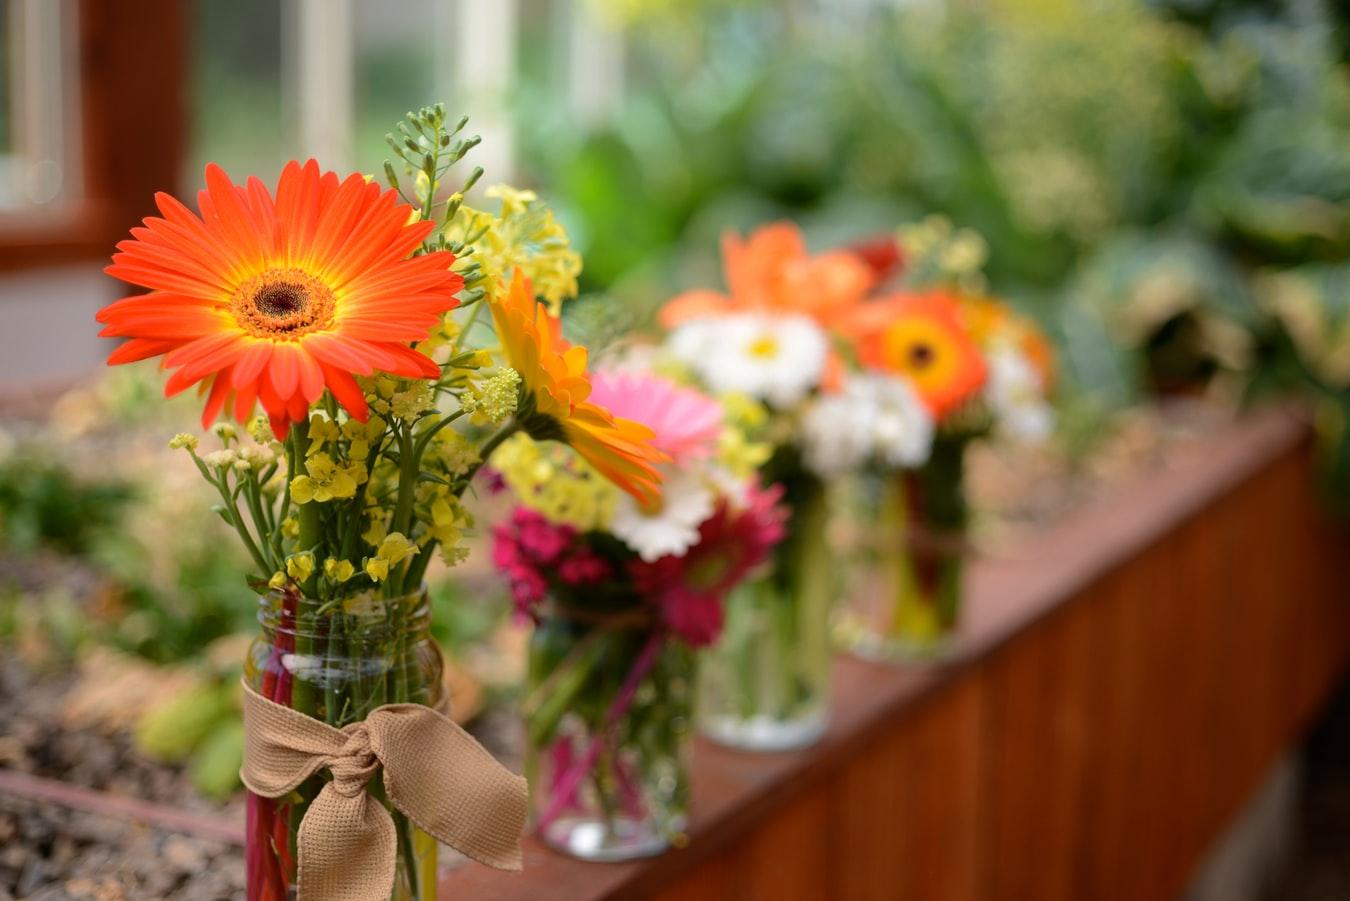 10 mẹo phong thủy đơn giản giúp ngôi nhà của bạn luôn tràn ngập mùi thơm tự nhiên tuyệt vời - ảnh 8.